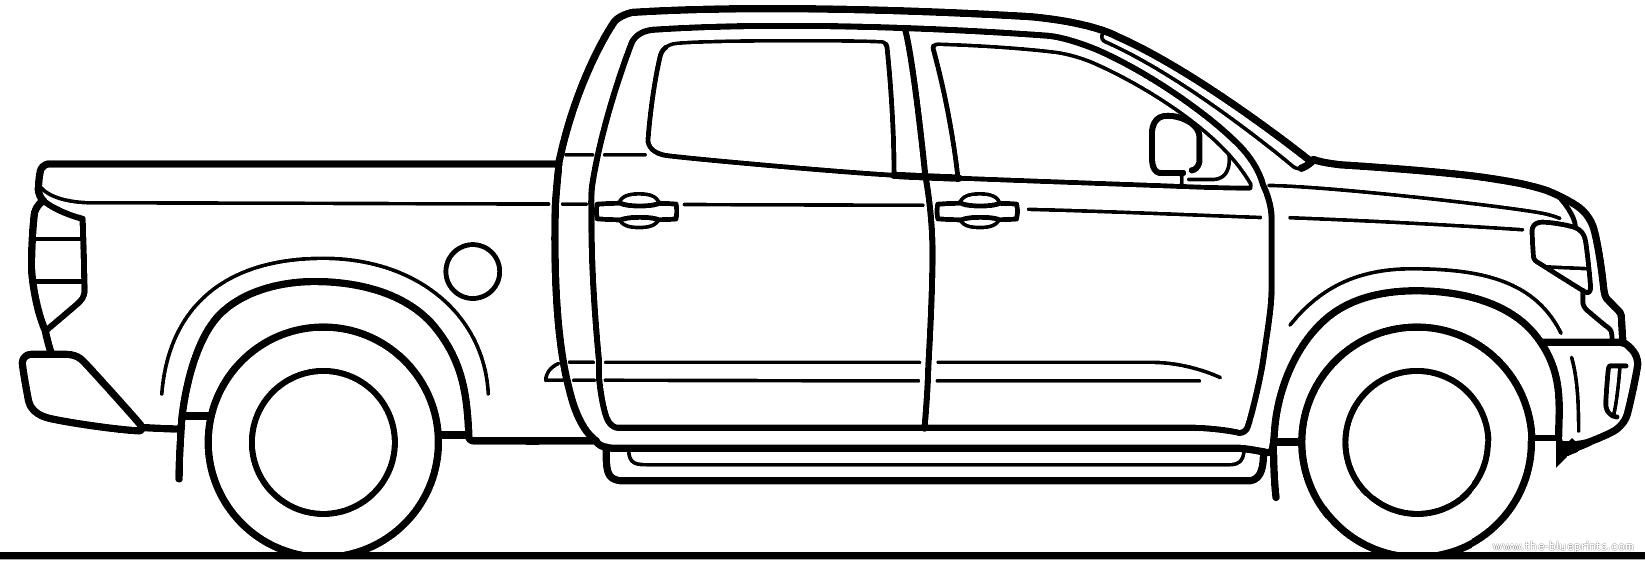 Toyota_tundra_2014_(2014) on 2017 Toyota Tundra